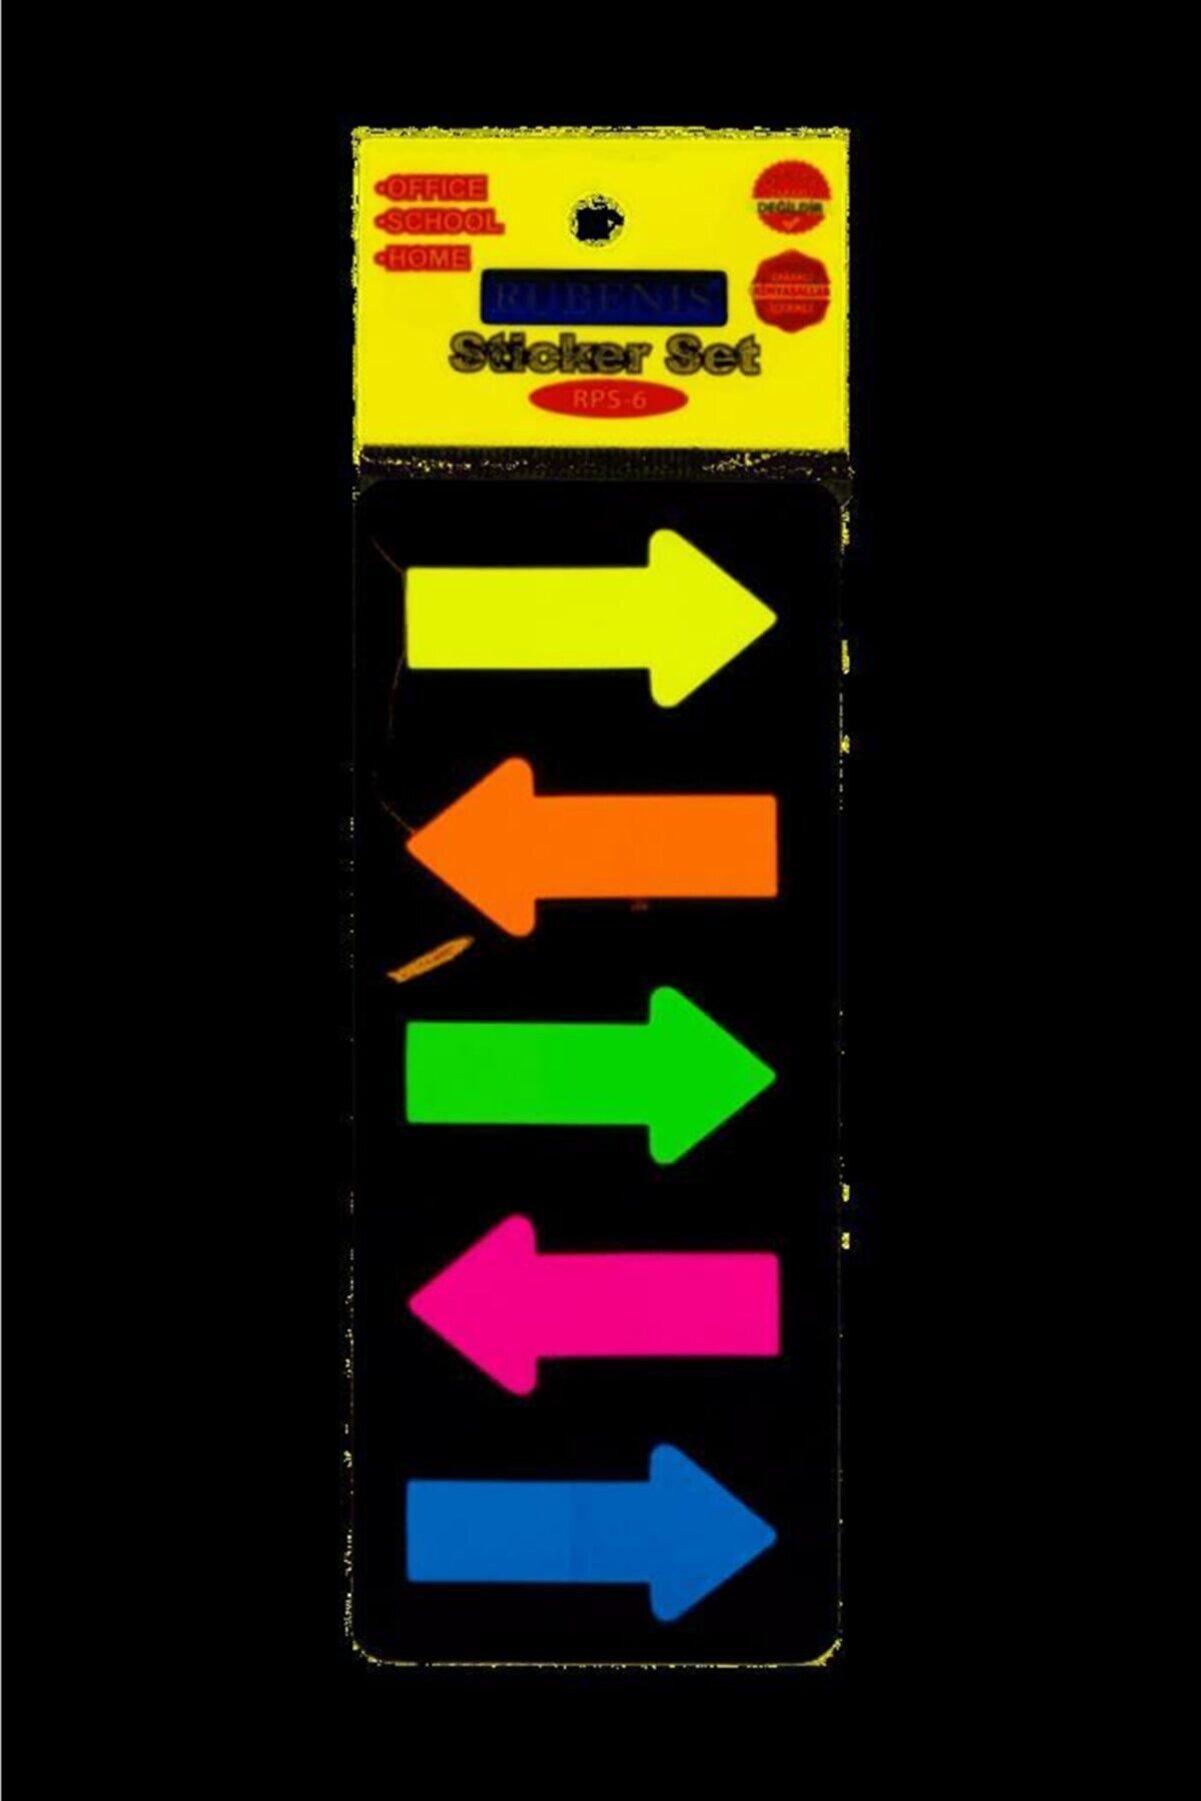 Rubenis Rps6 Yapışkanlı Ayraç Kağıt 72 Yaprak 5 Renk Ok Şekilli